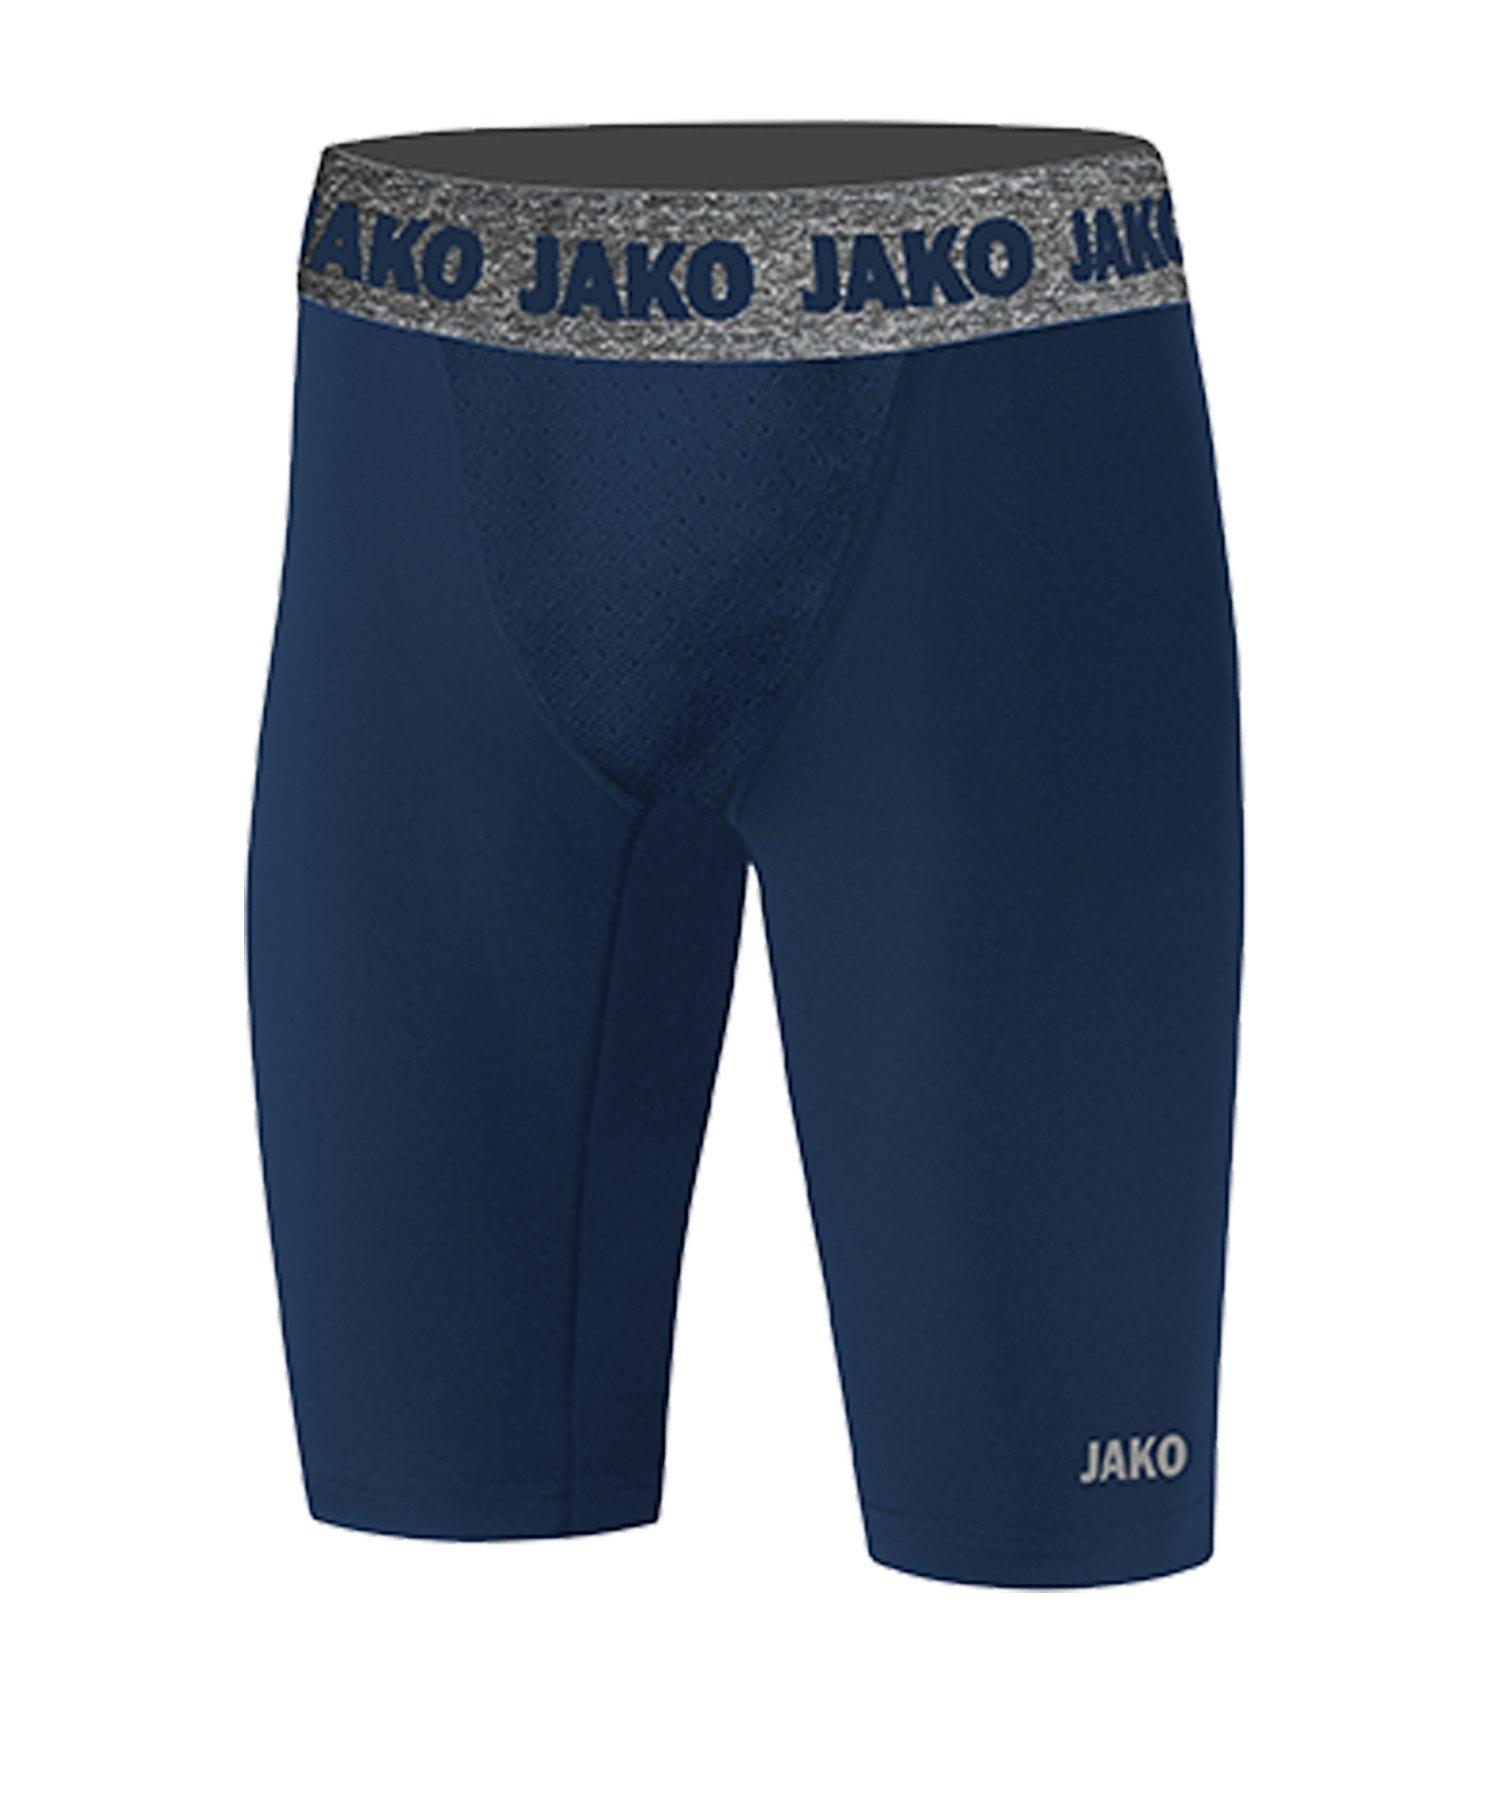 JAKO Compression 2.0 Tight Short Kids Blau F09 - blau